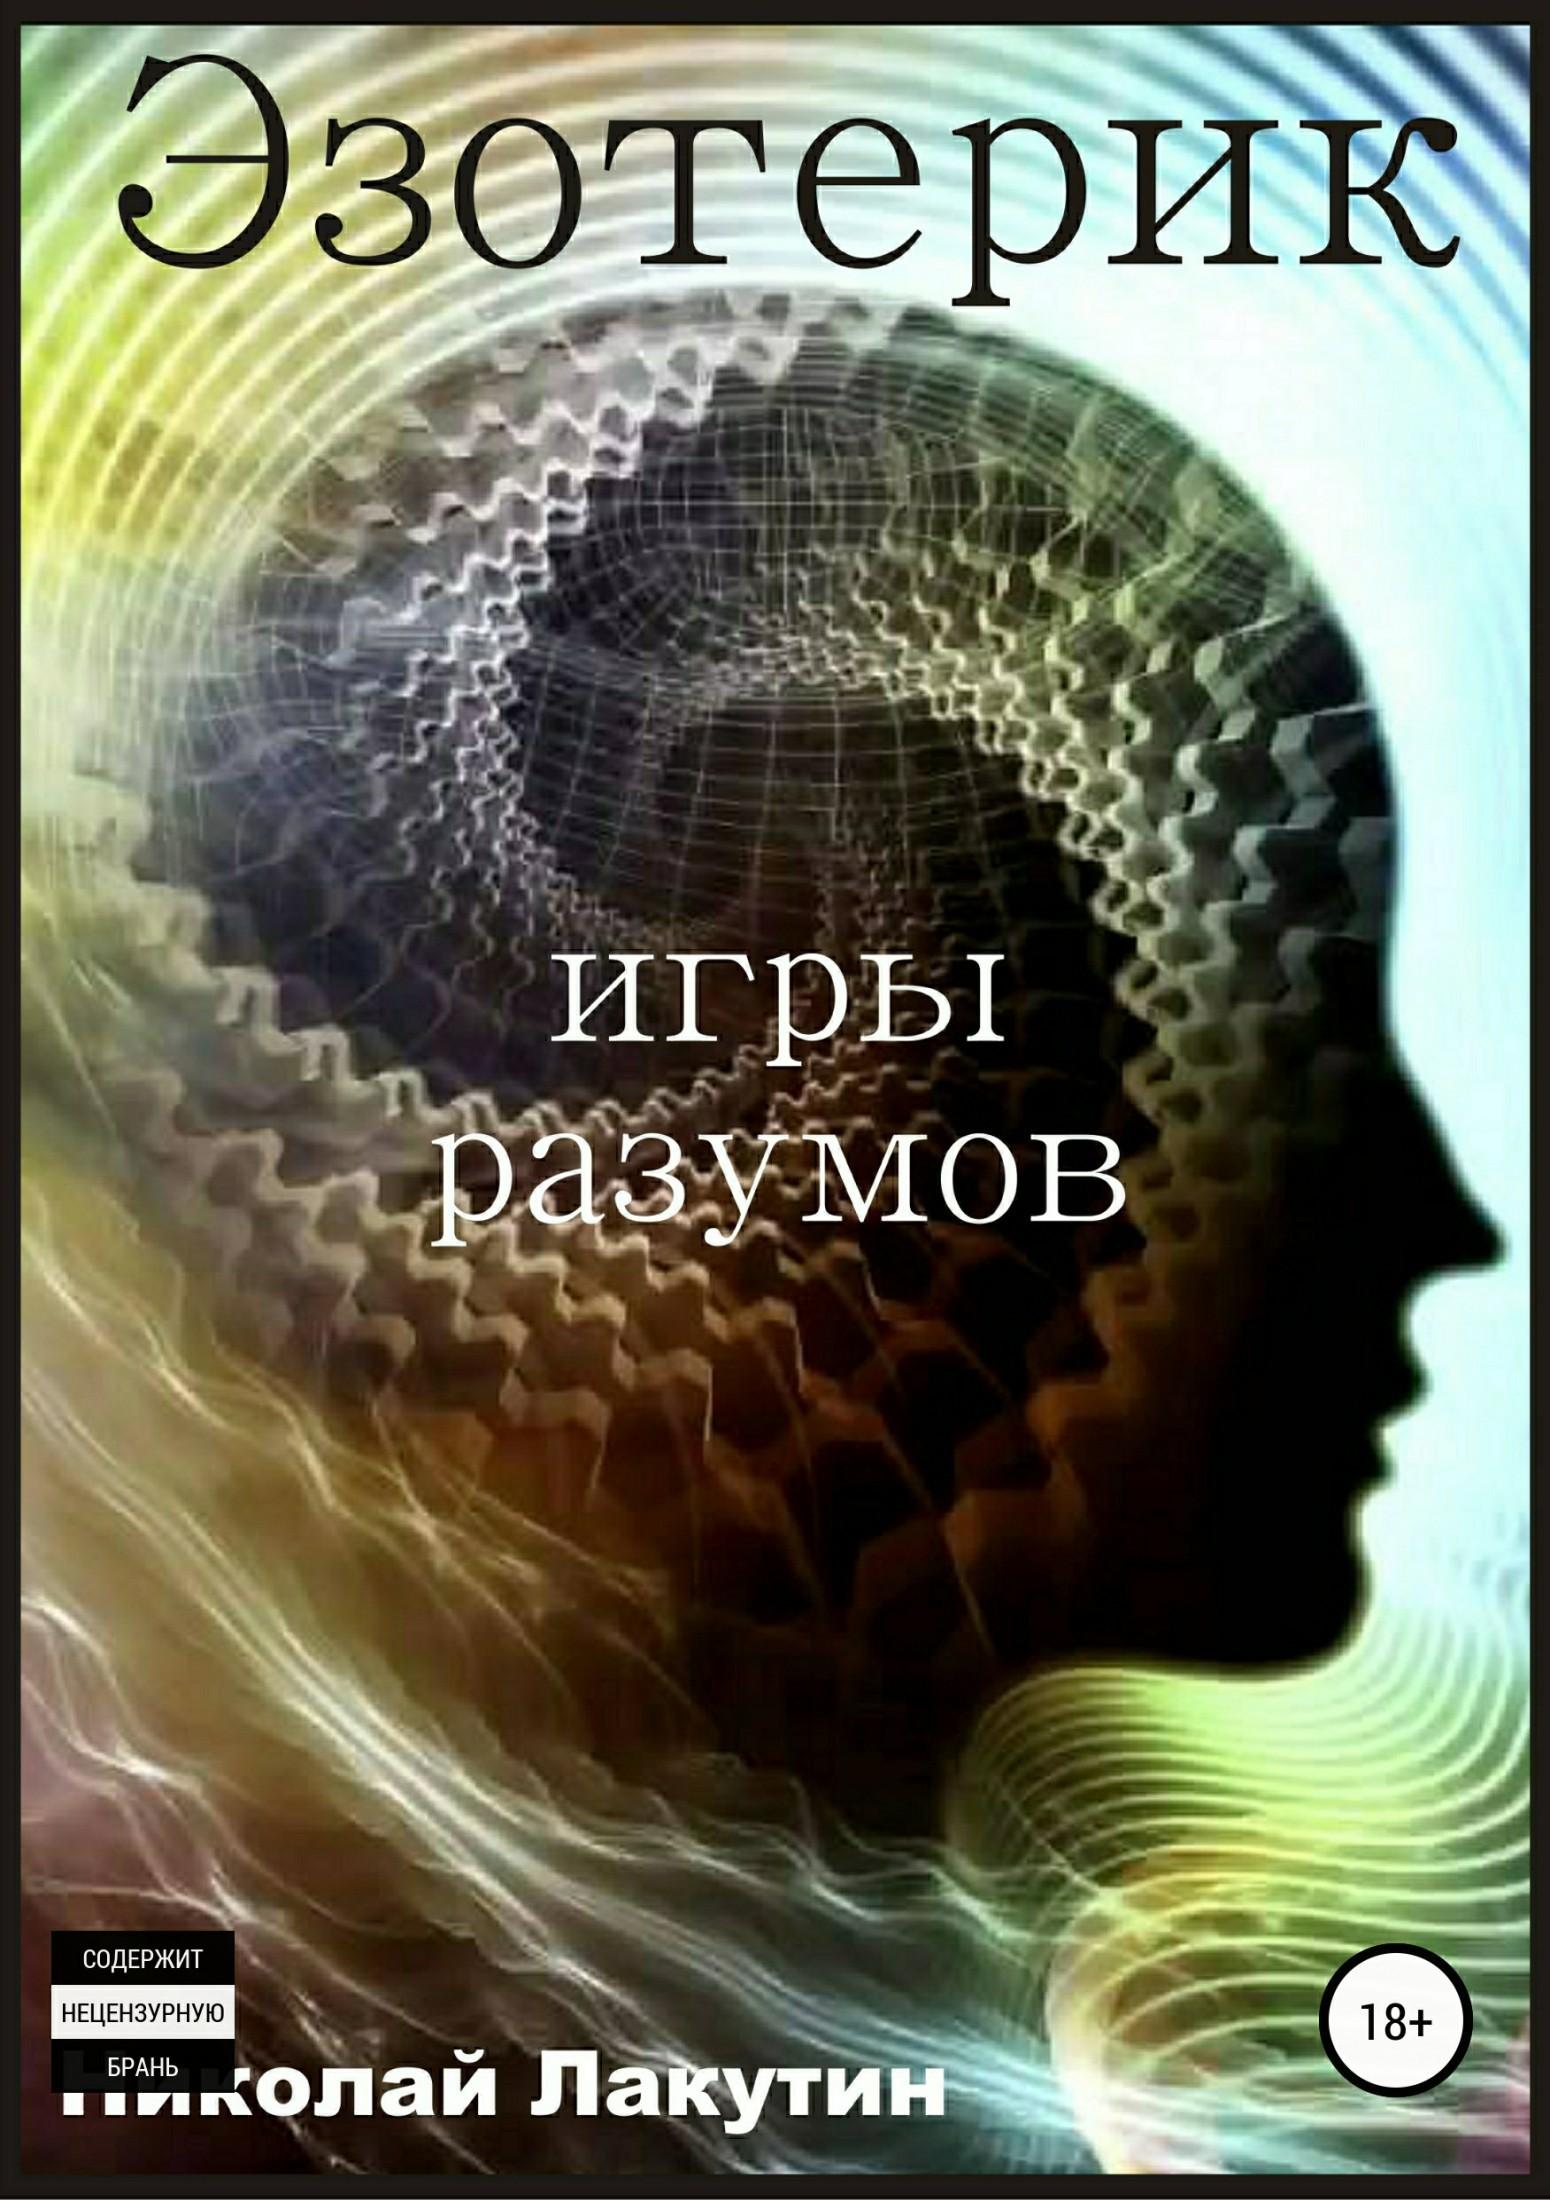 Николай Владимирович Лакутин. Эзотерик. Игры разумов